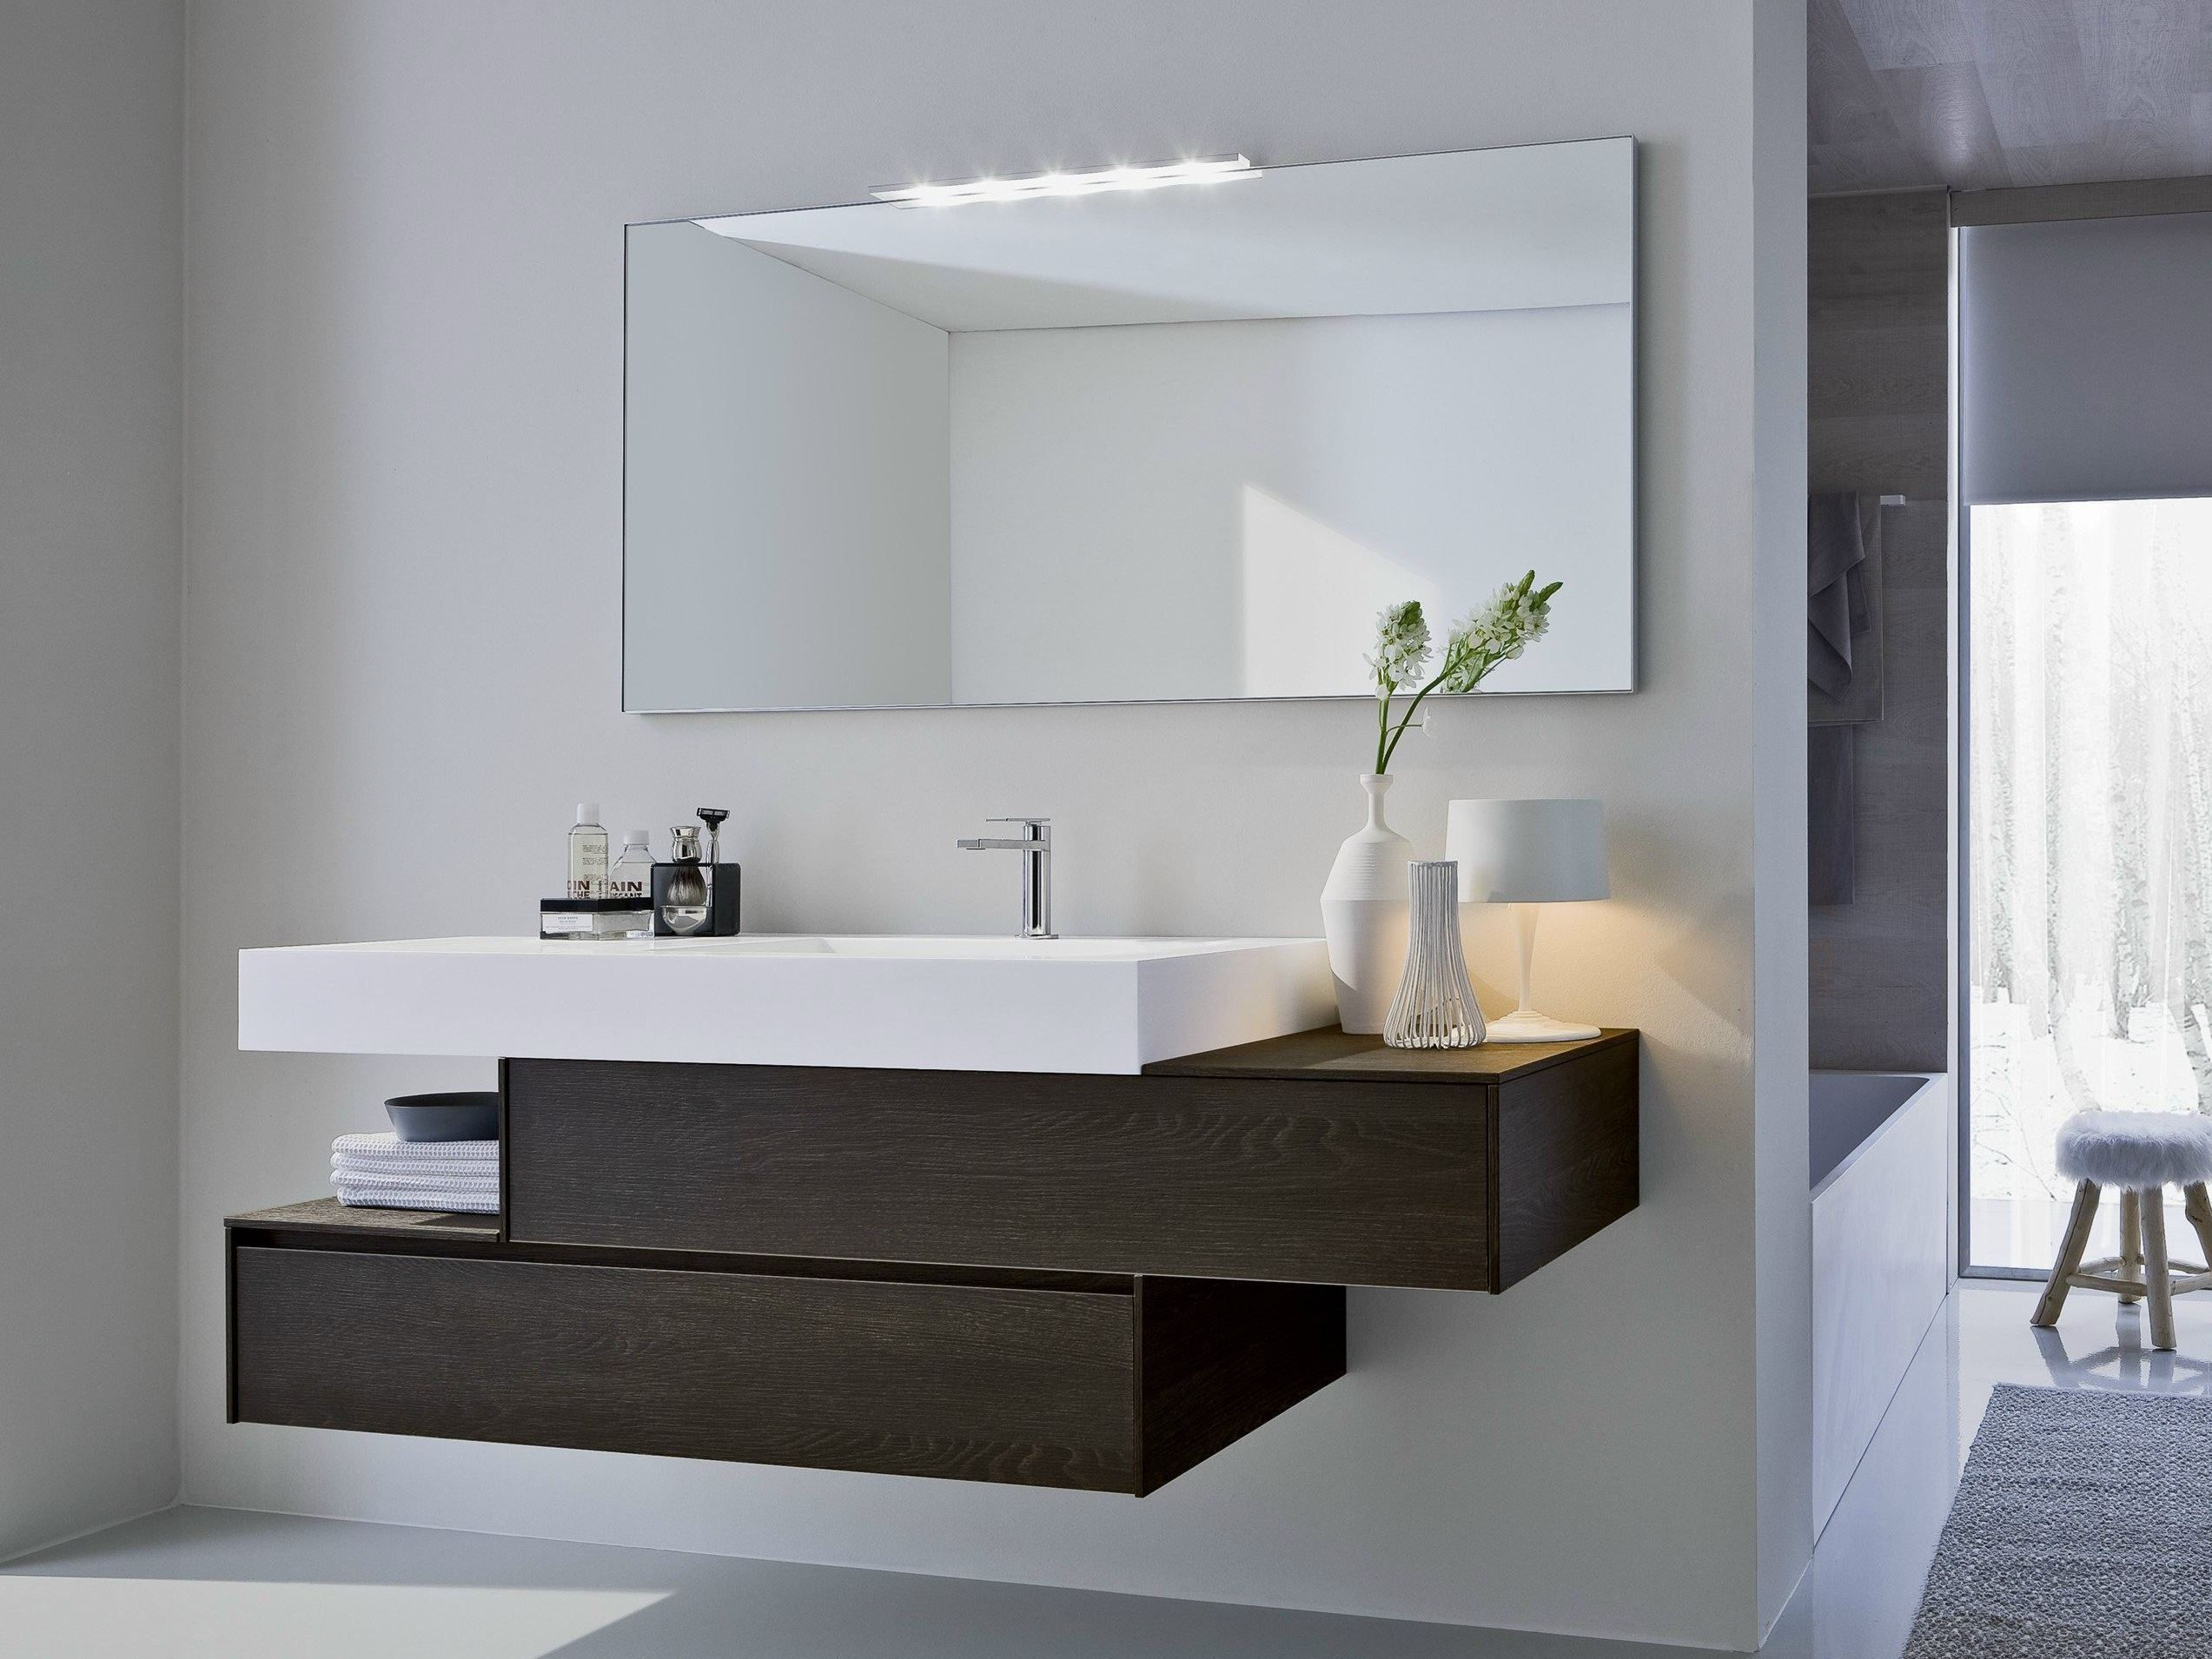 mueble bajo lavabo con cajones con espejo comp n coleccin ny by ideagroup